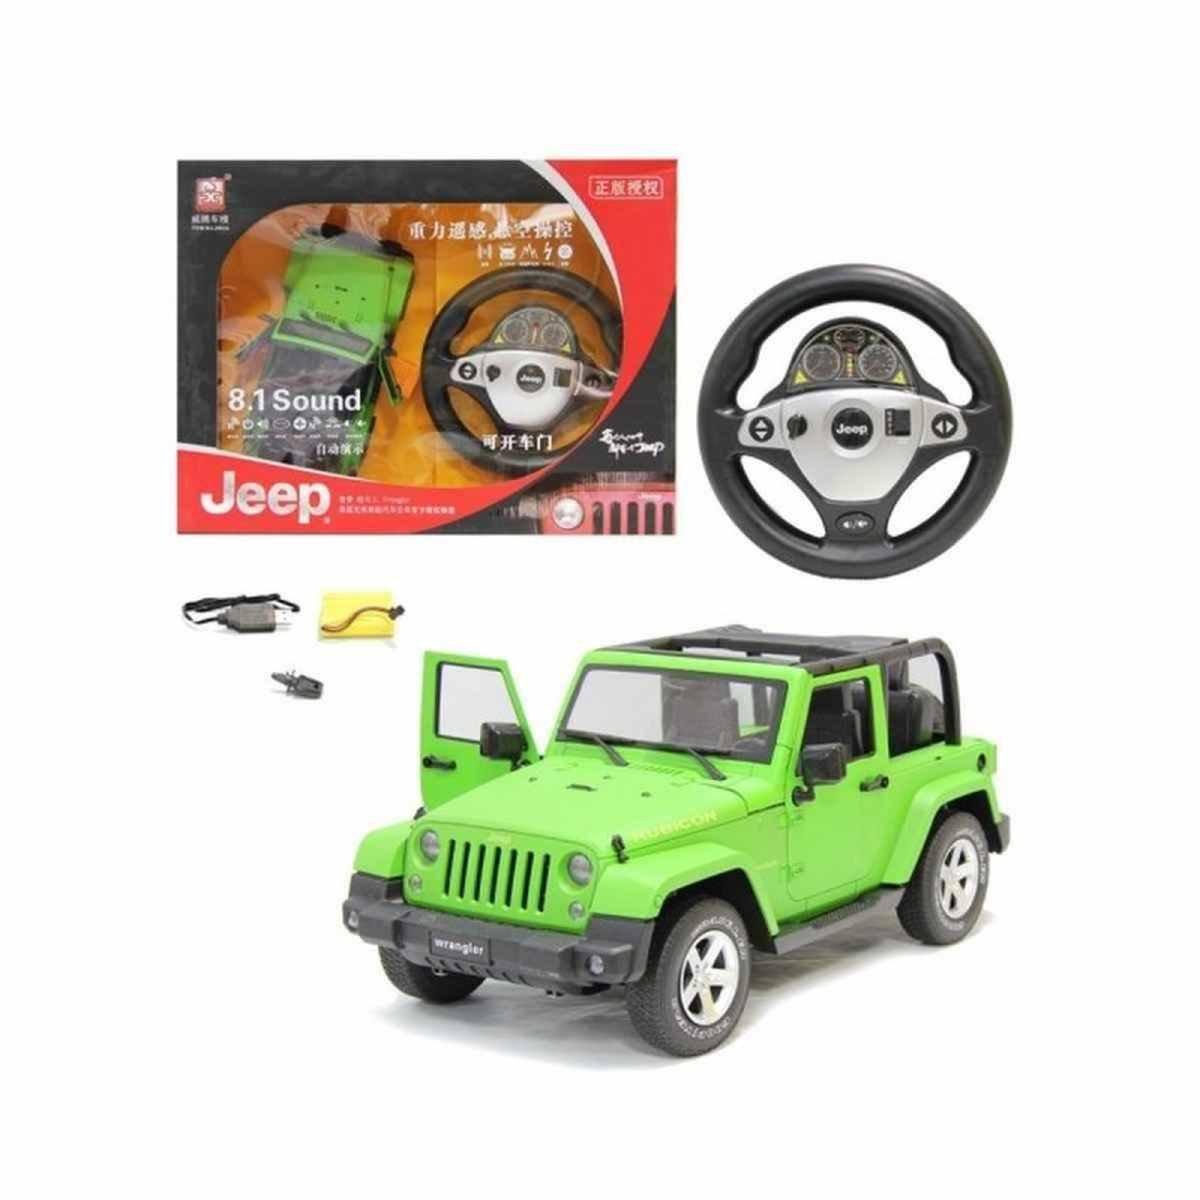 Jeep Wrangler R/C 1:12 con volante y batería